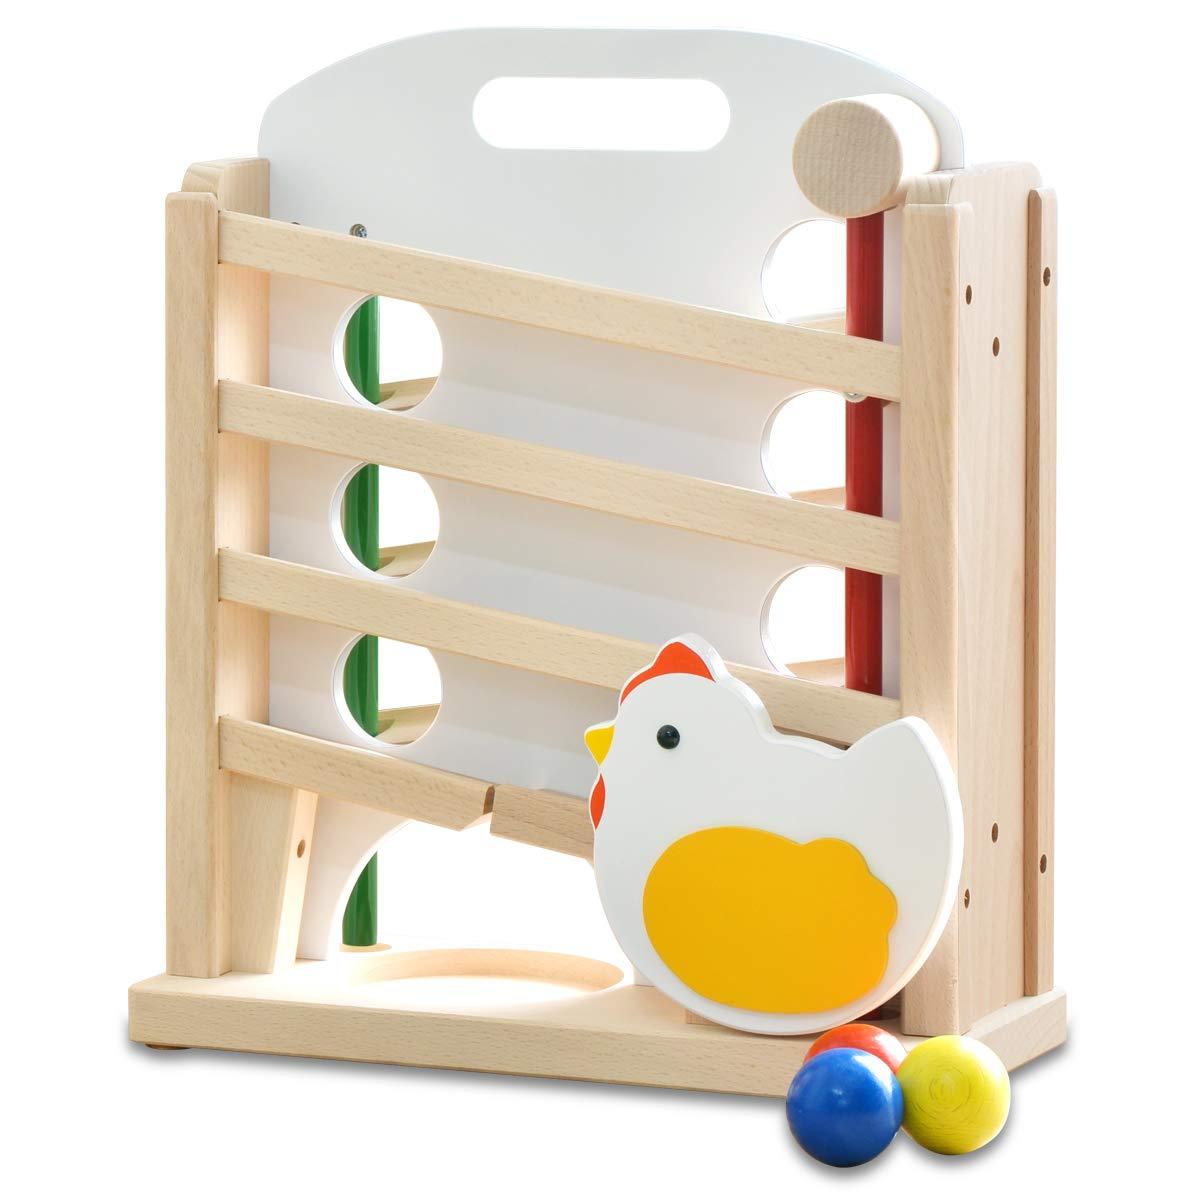 【日本製】 ニワトリ キンコンボール 木製 天然木 木のおもちゃ 知育玩具 国産 男の子 女の子 幼児 子供 ナチュラル   B07LGRV5CG